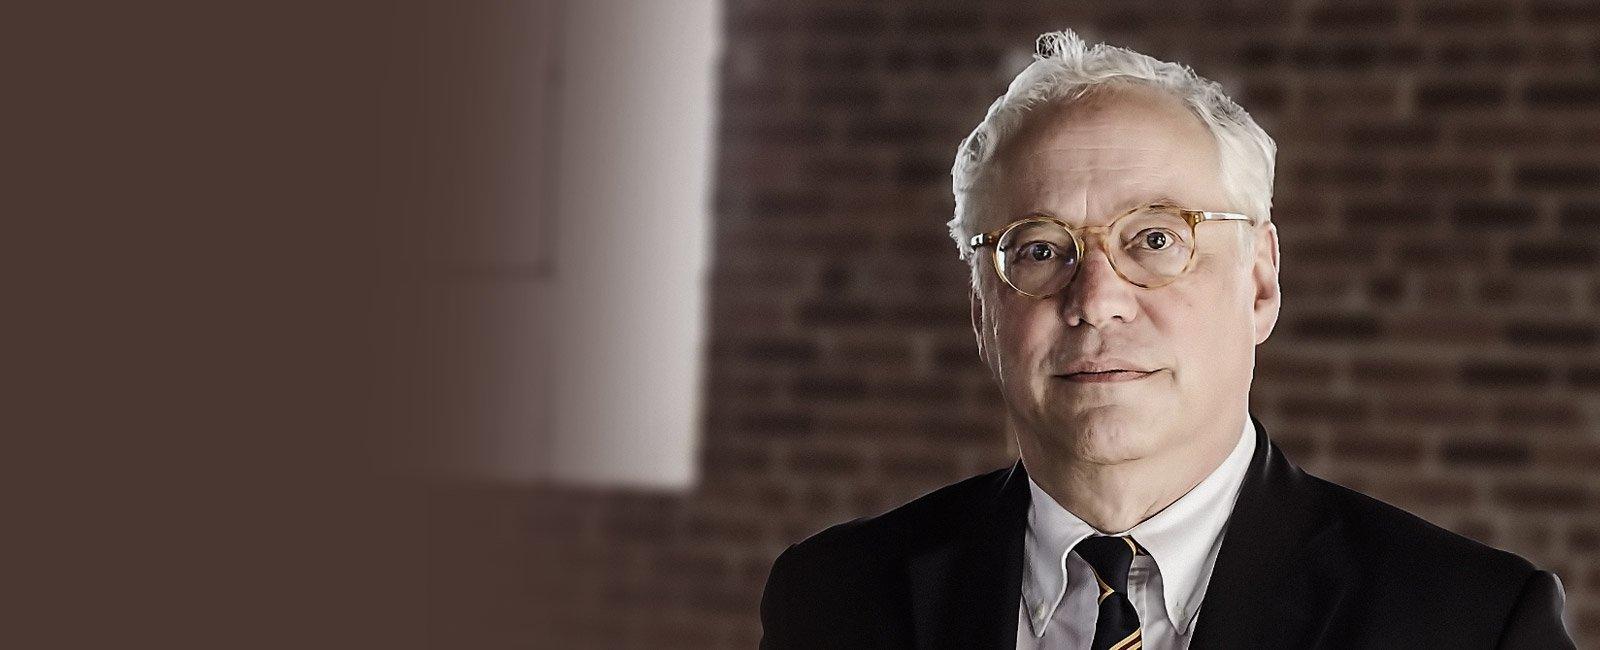 Marc L. Oberdorff